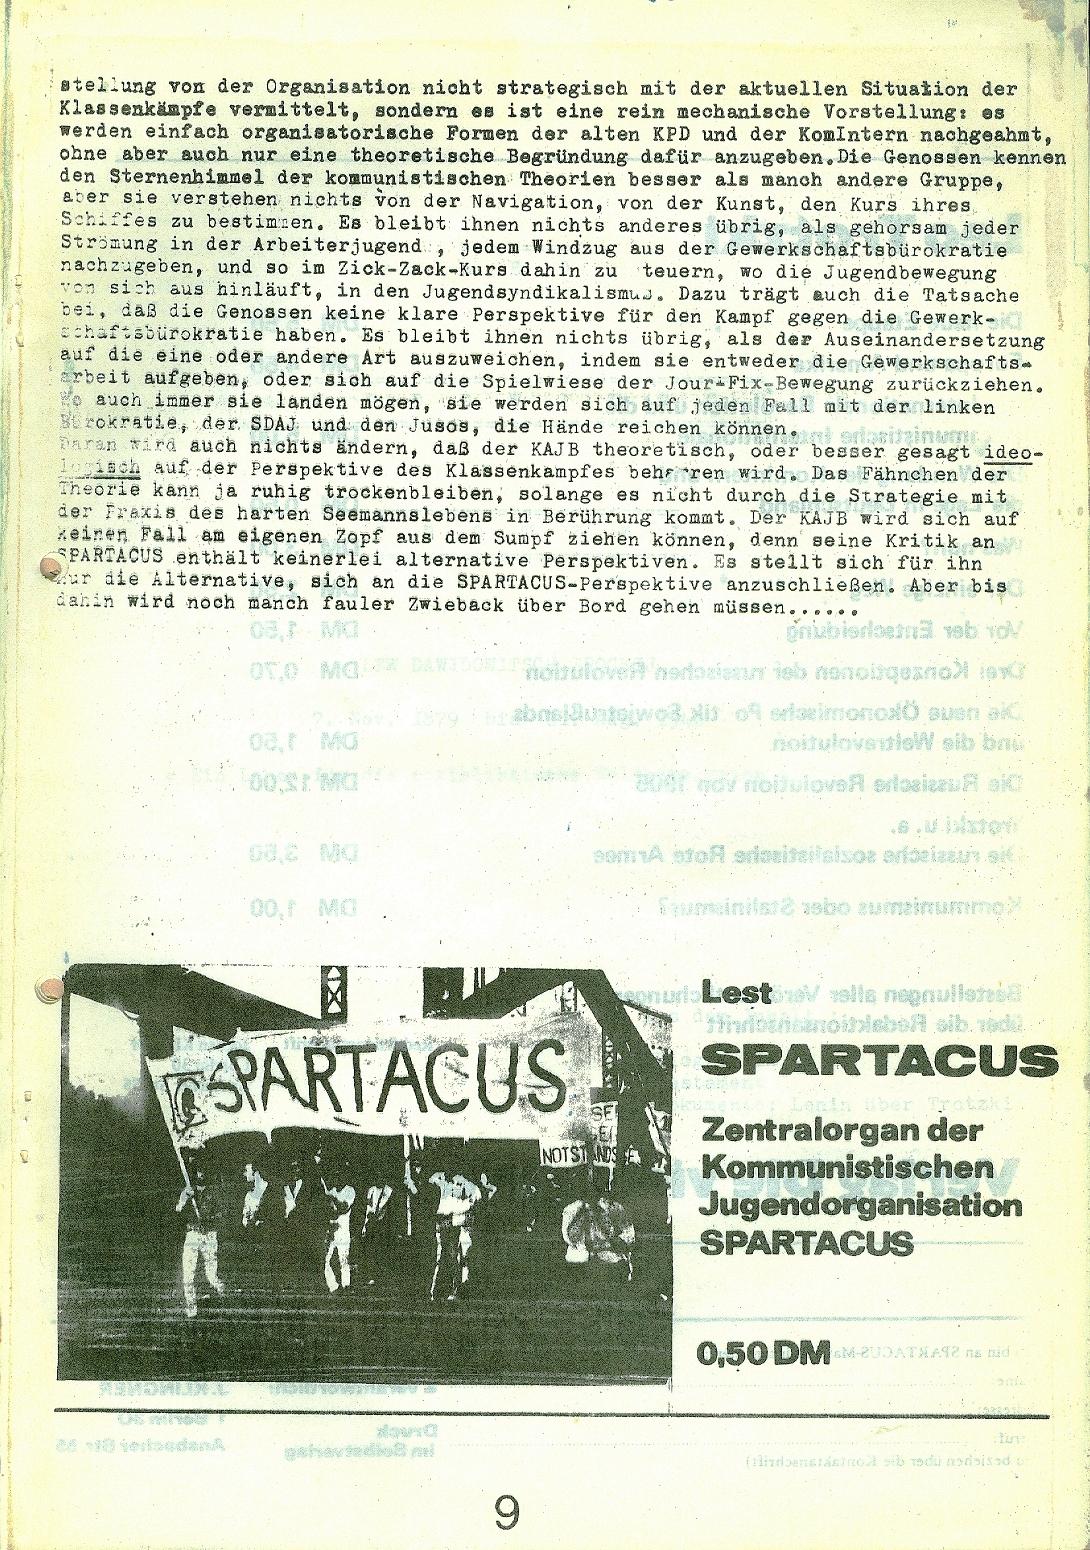 Spartacus_Zentral028